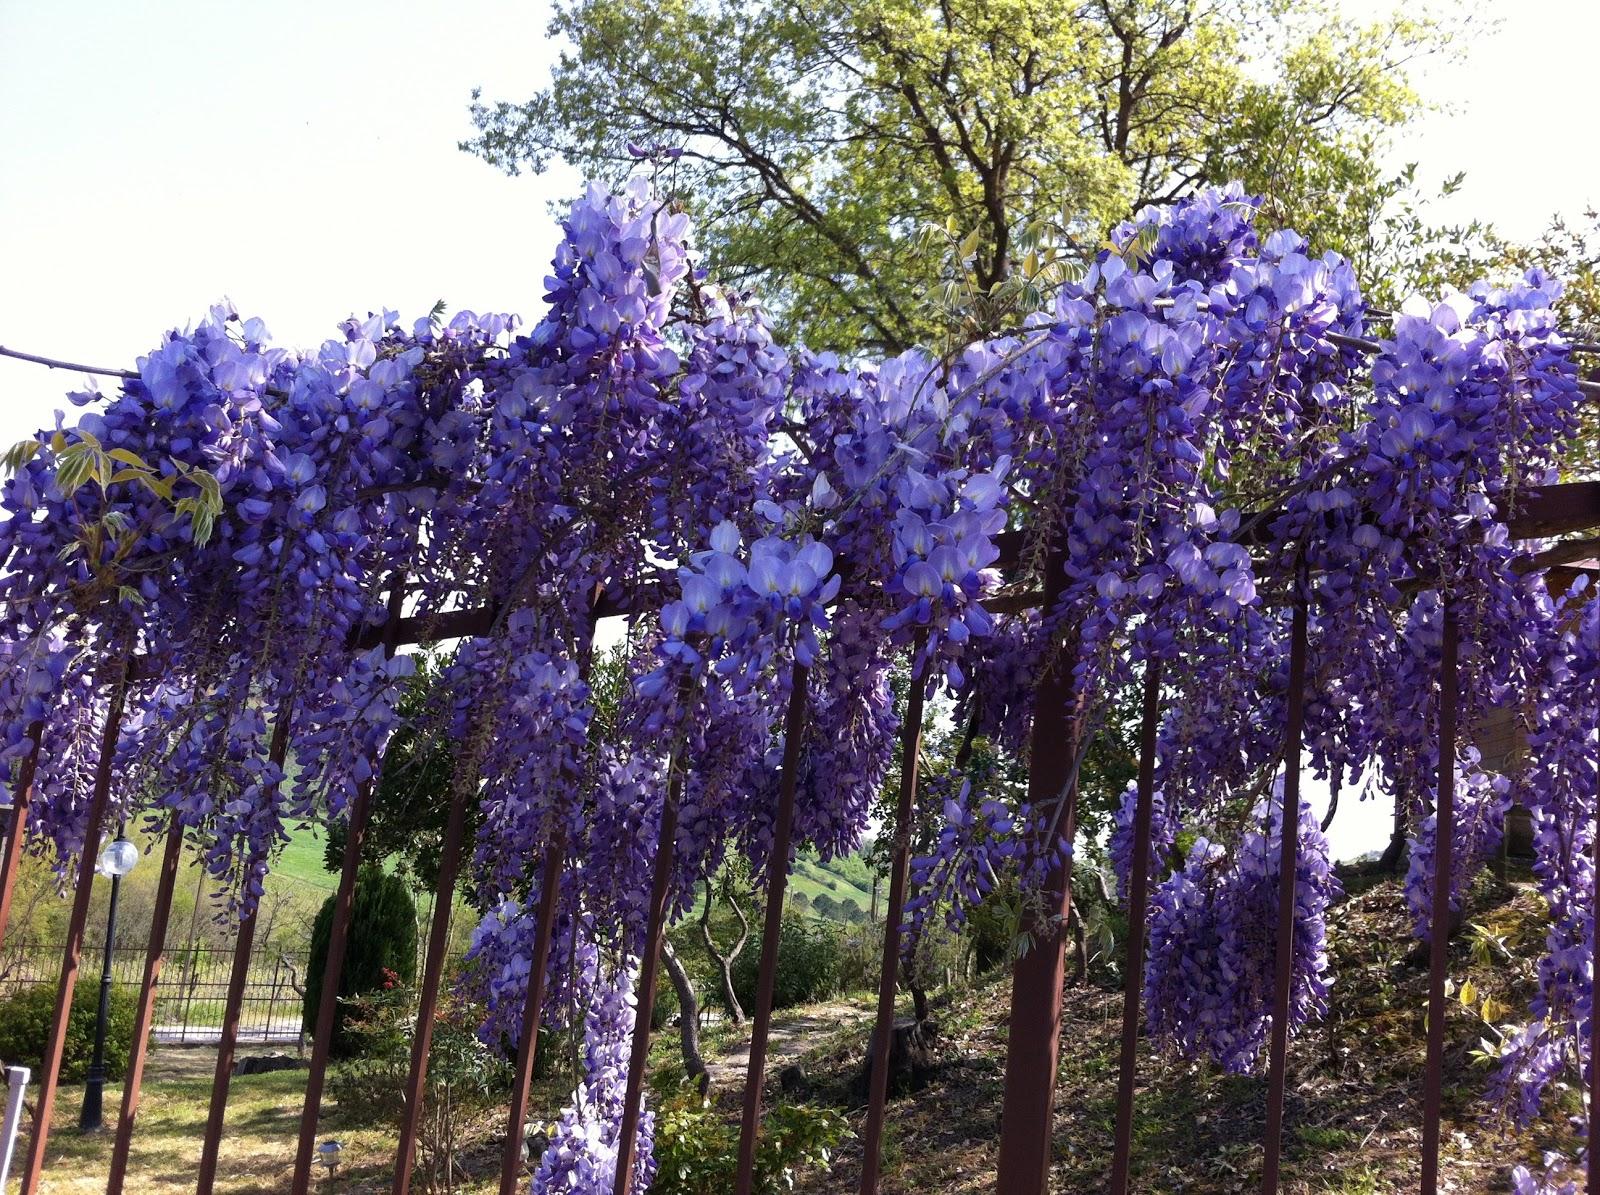 Frumoase dar otravitoare 7 plante decorative periculoase for Glicina planta